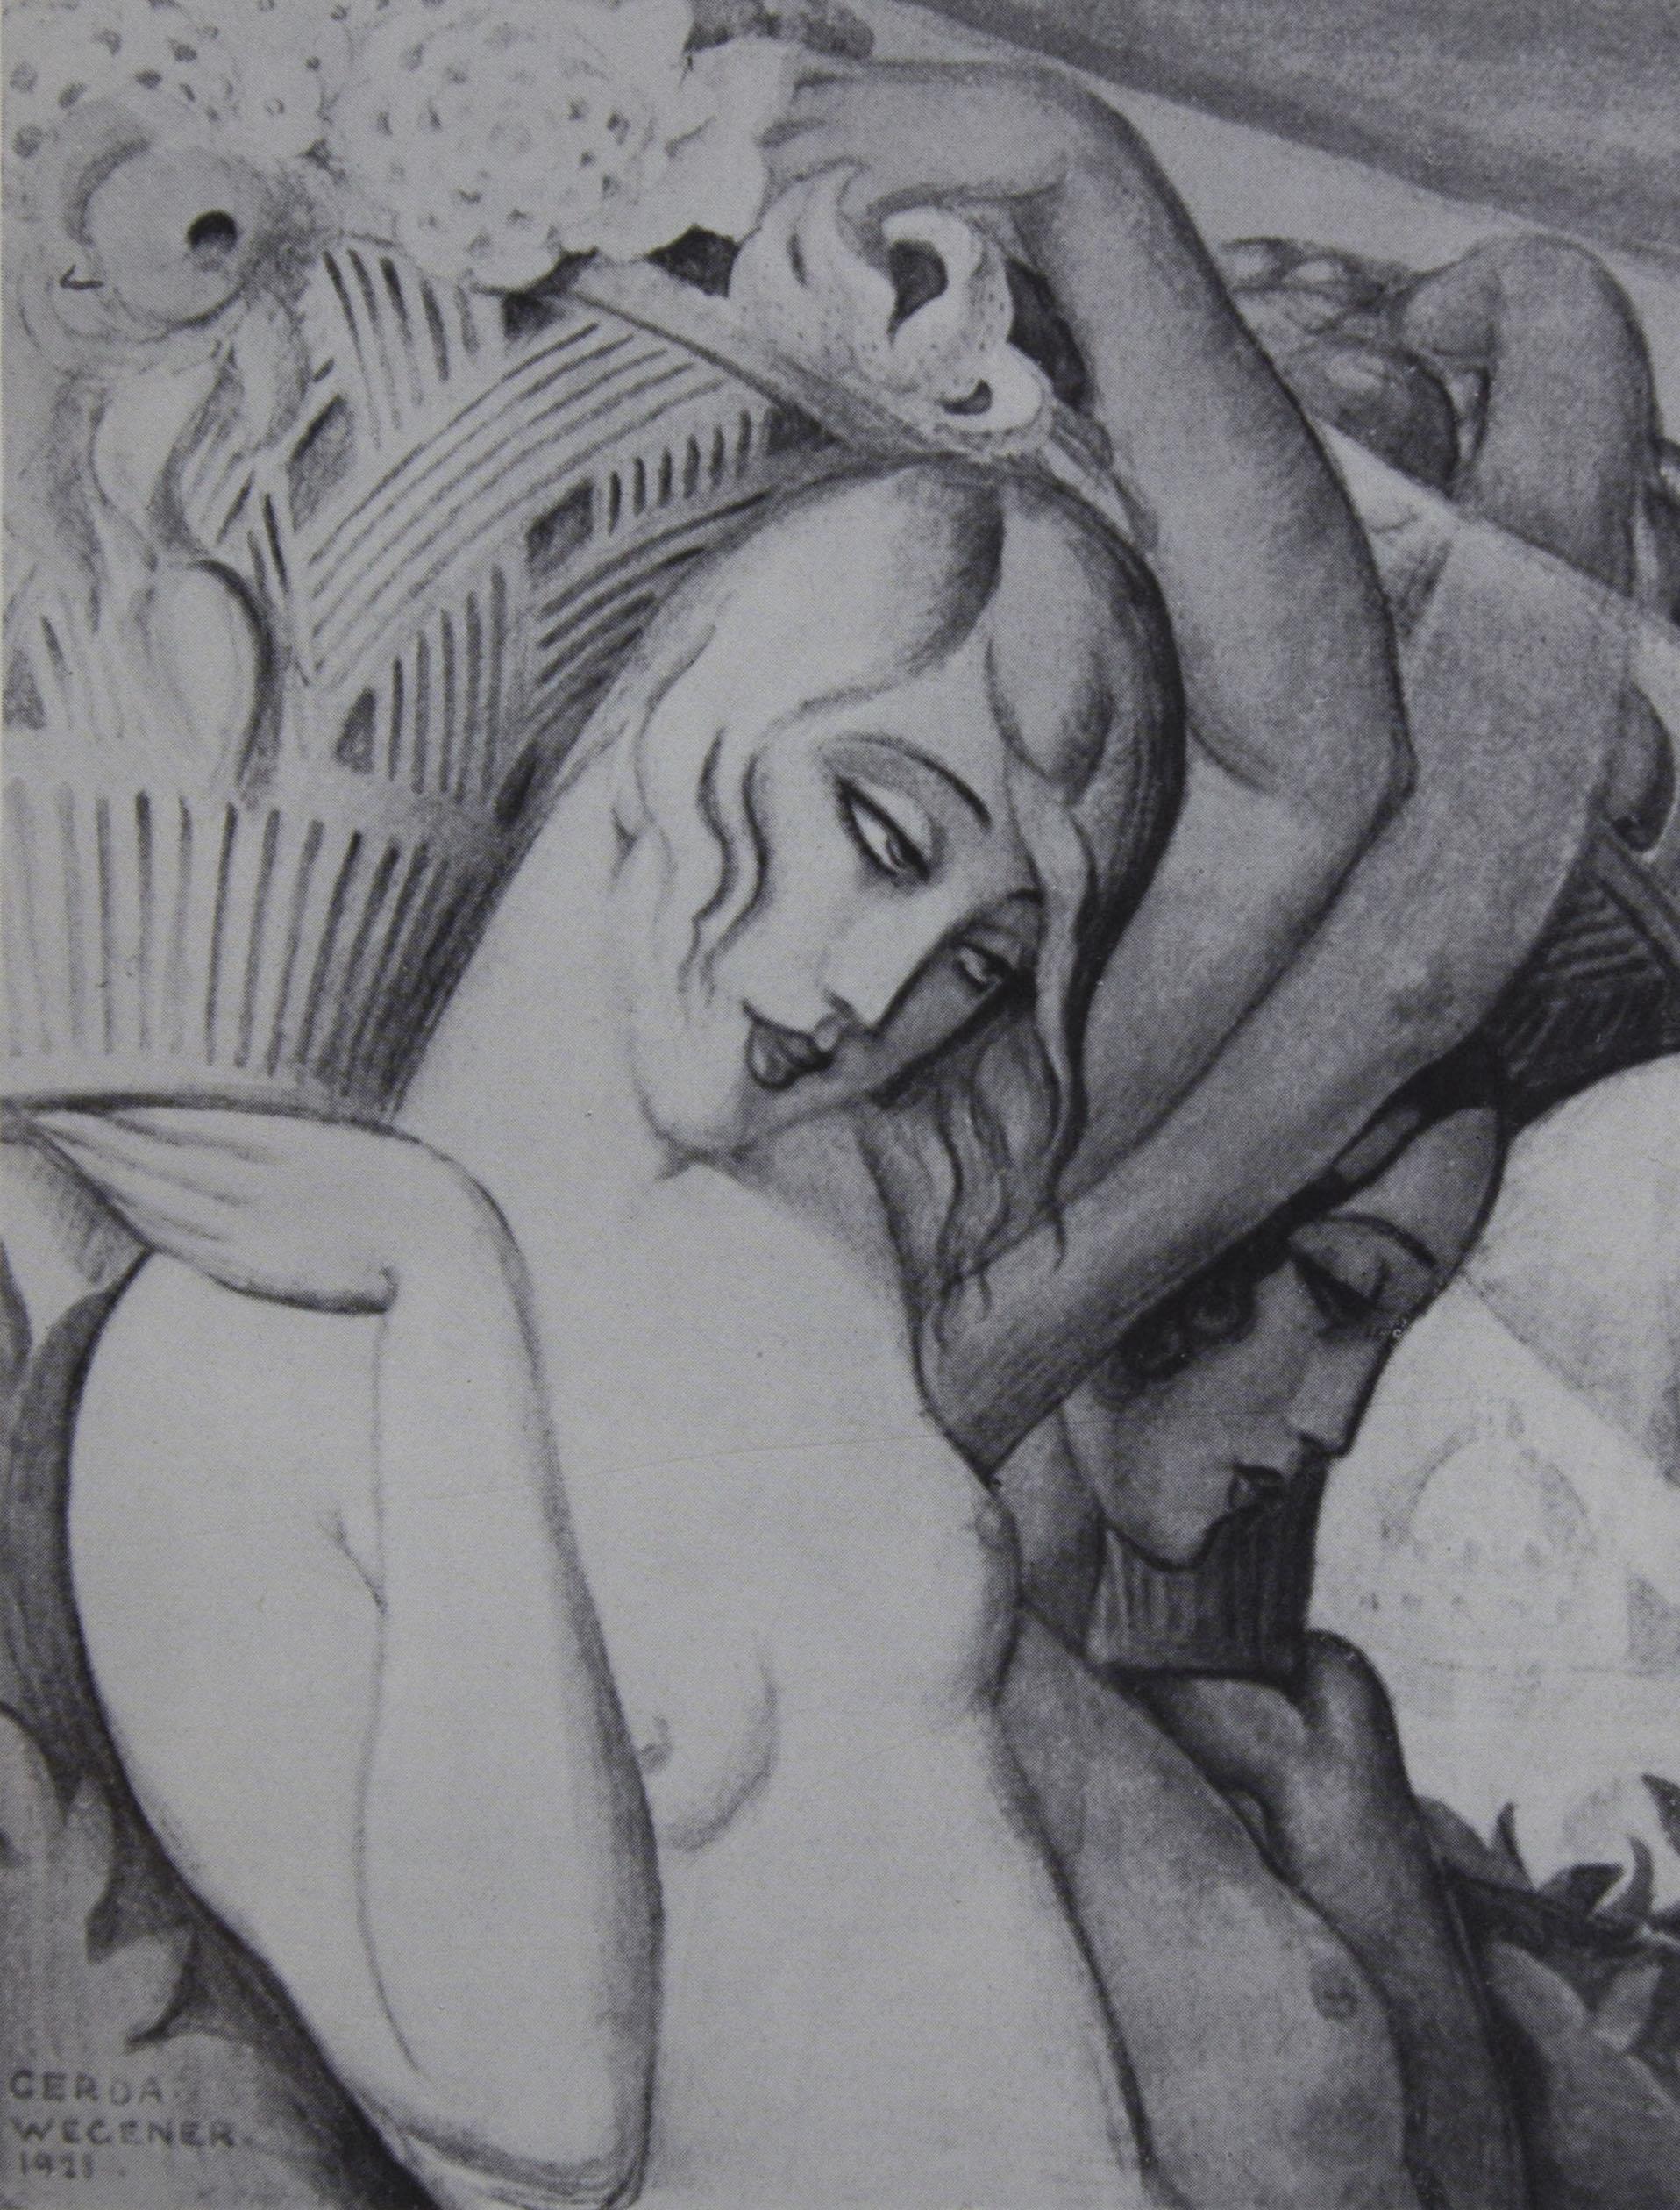 Gerda Wegener: Ein Gemälde von                                 Gerda Wegener, Paris 1921, zu dem Andreas Sparre als Lili                             Modell gestanden hat